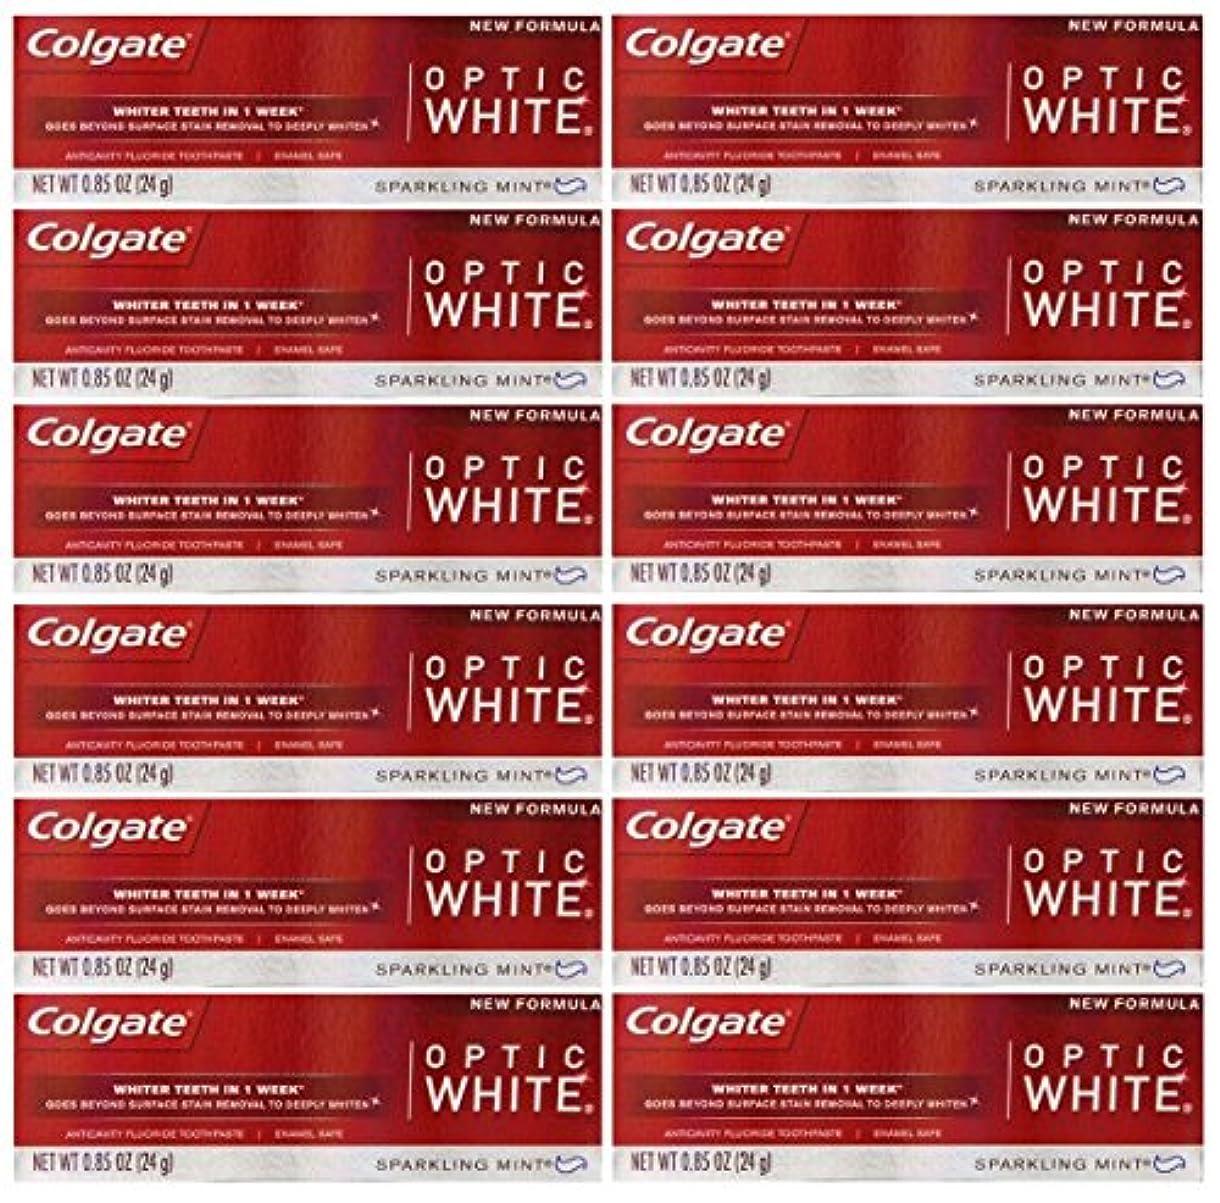 無かみそりいつでもColgate 12パック - ハミガキ、スパークリングホワイト、スパークリングミント、トラベルサイズ0.85オンスホワイトニングオプティックホワイト歯